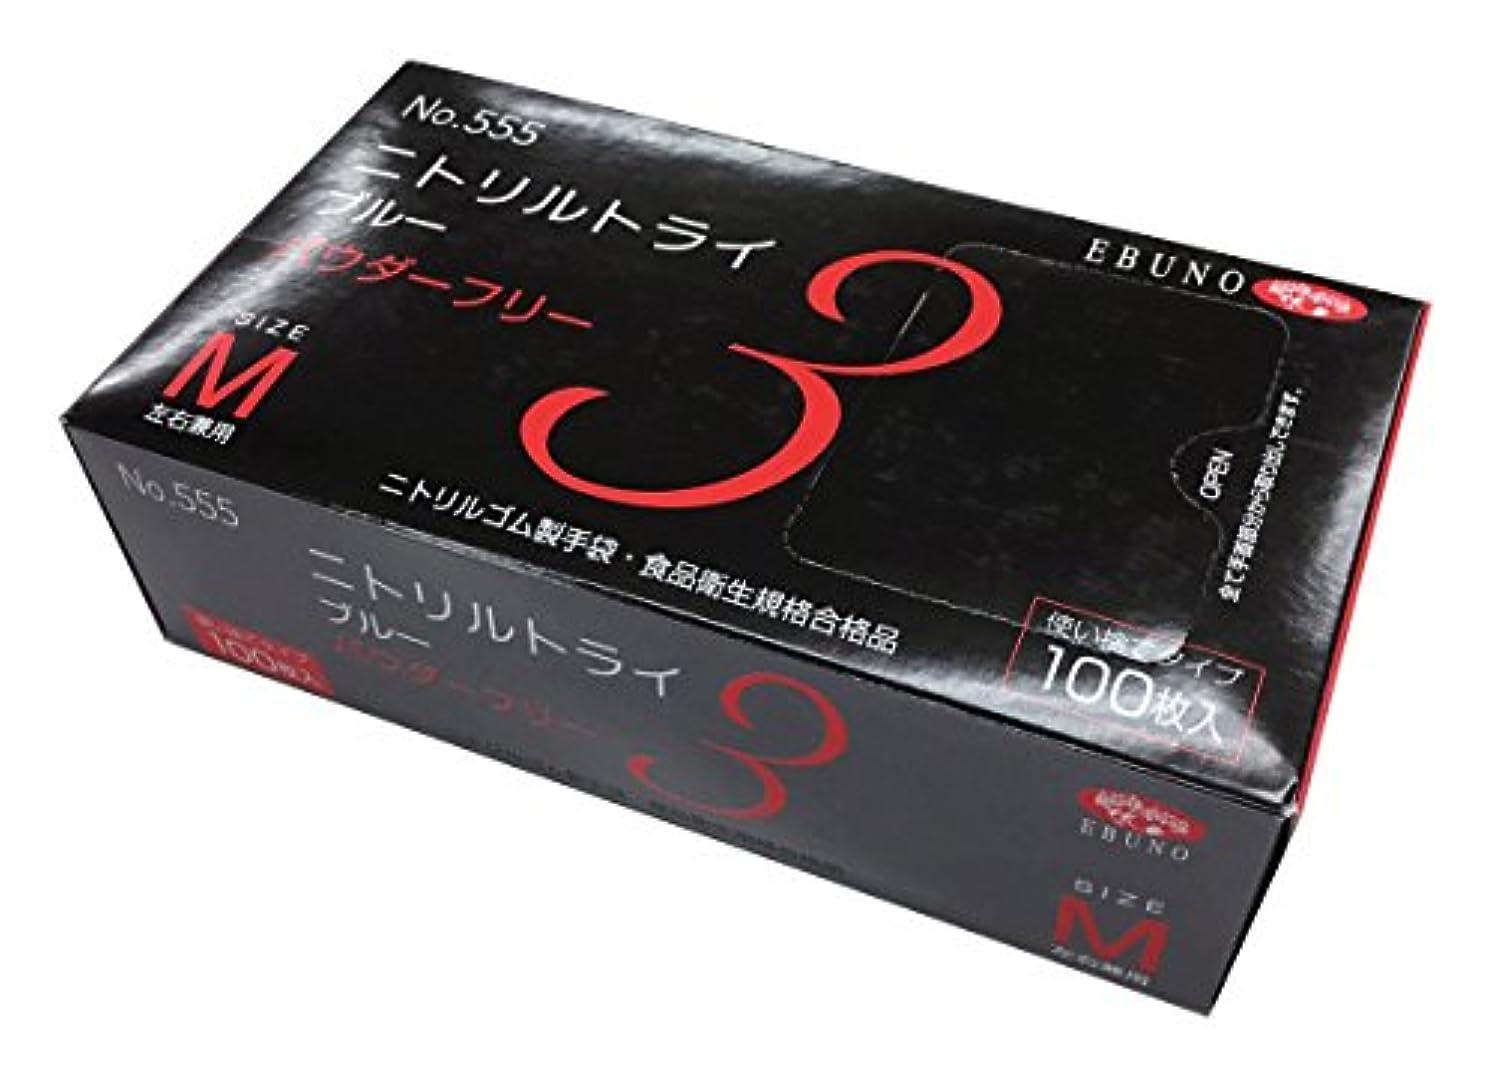 孤児独裁者心からニトリルトライ3 No.552 ホワイト 粉付 Lサイズ 100枚入